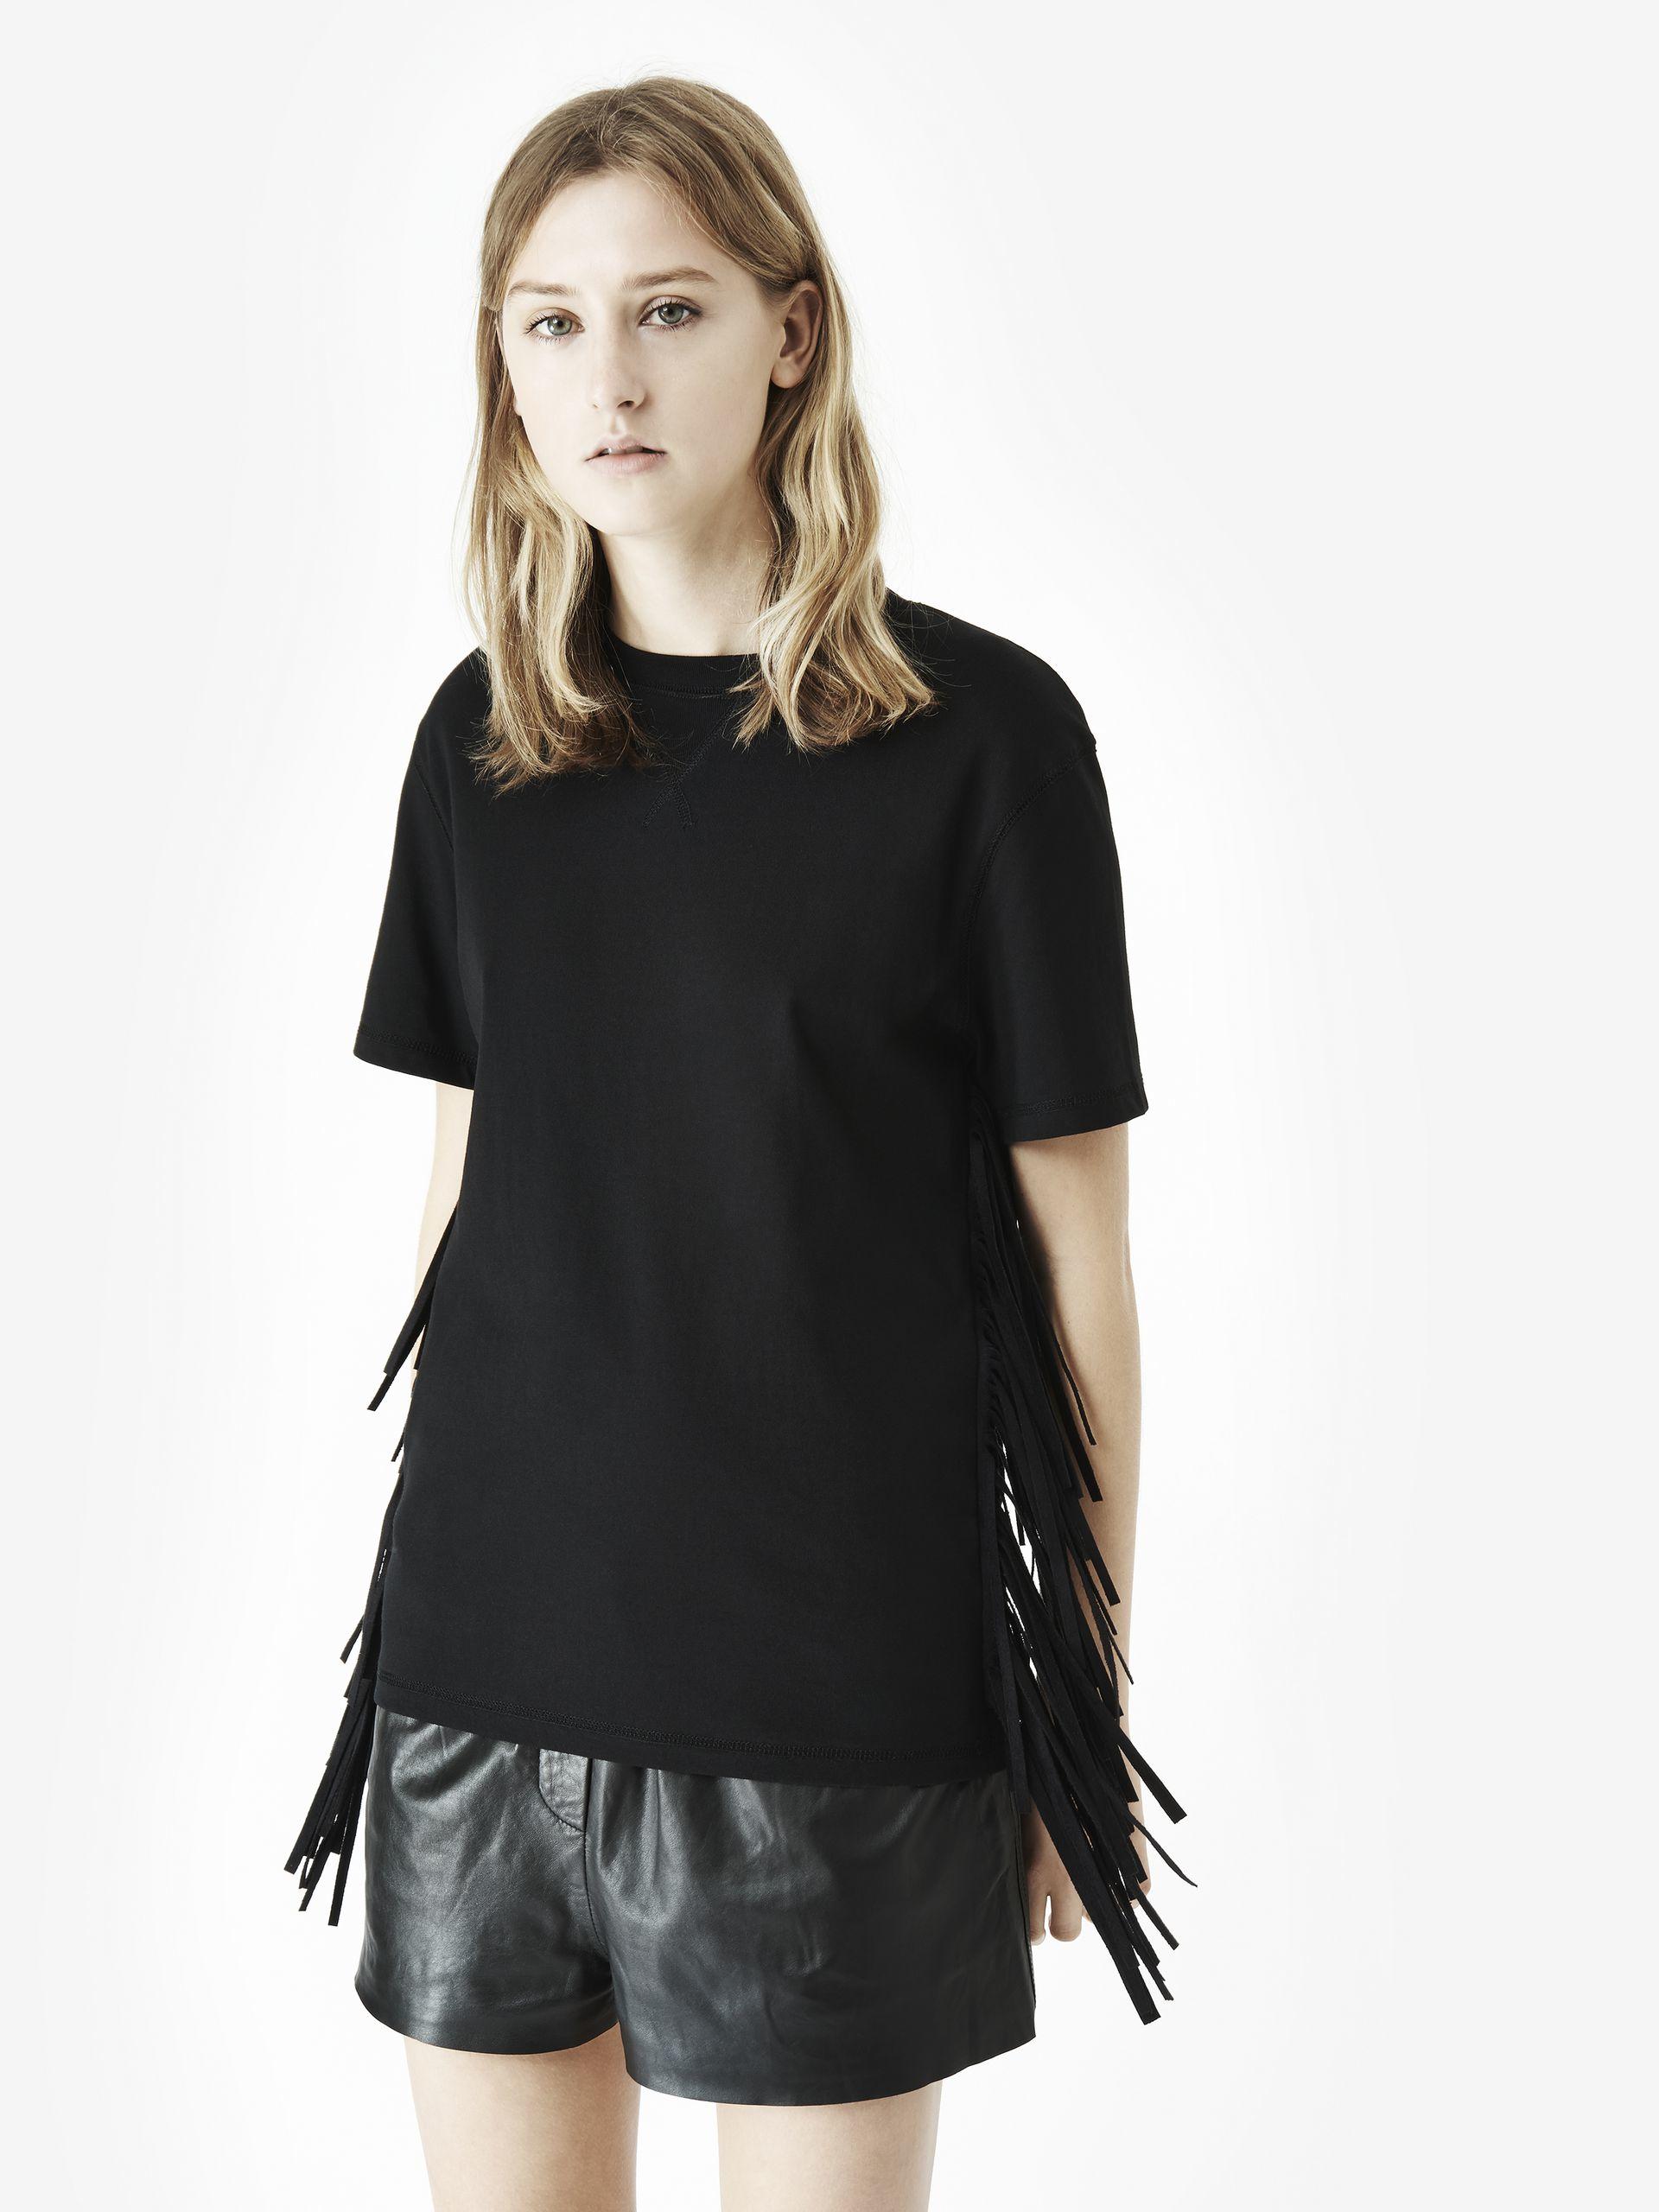 mcq fringe t shirt in black lyst. Black Bedroom Furniture Sets. Home Design Ideas